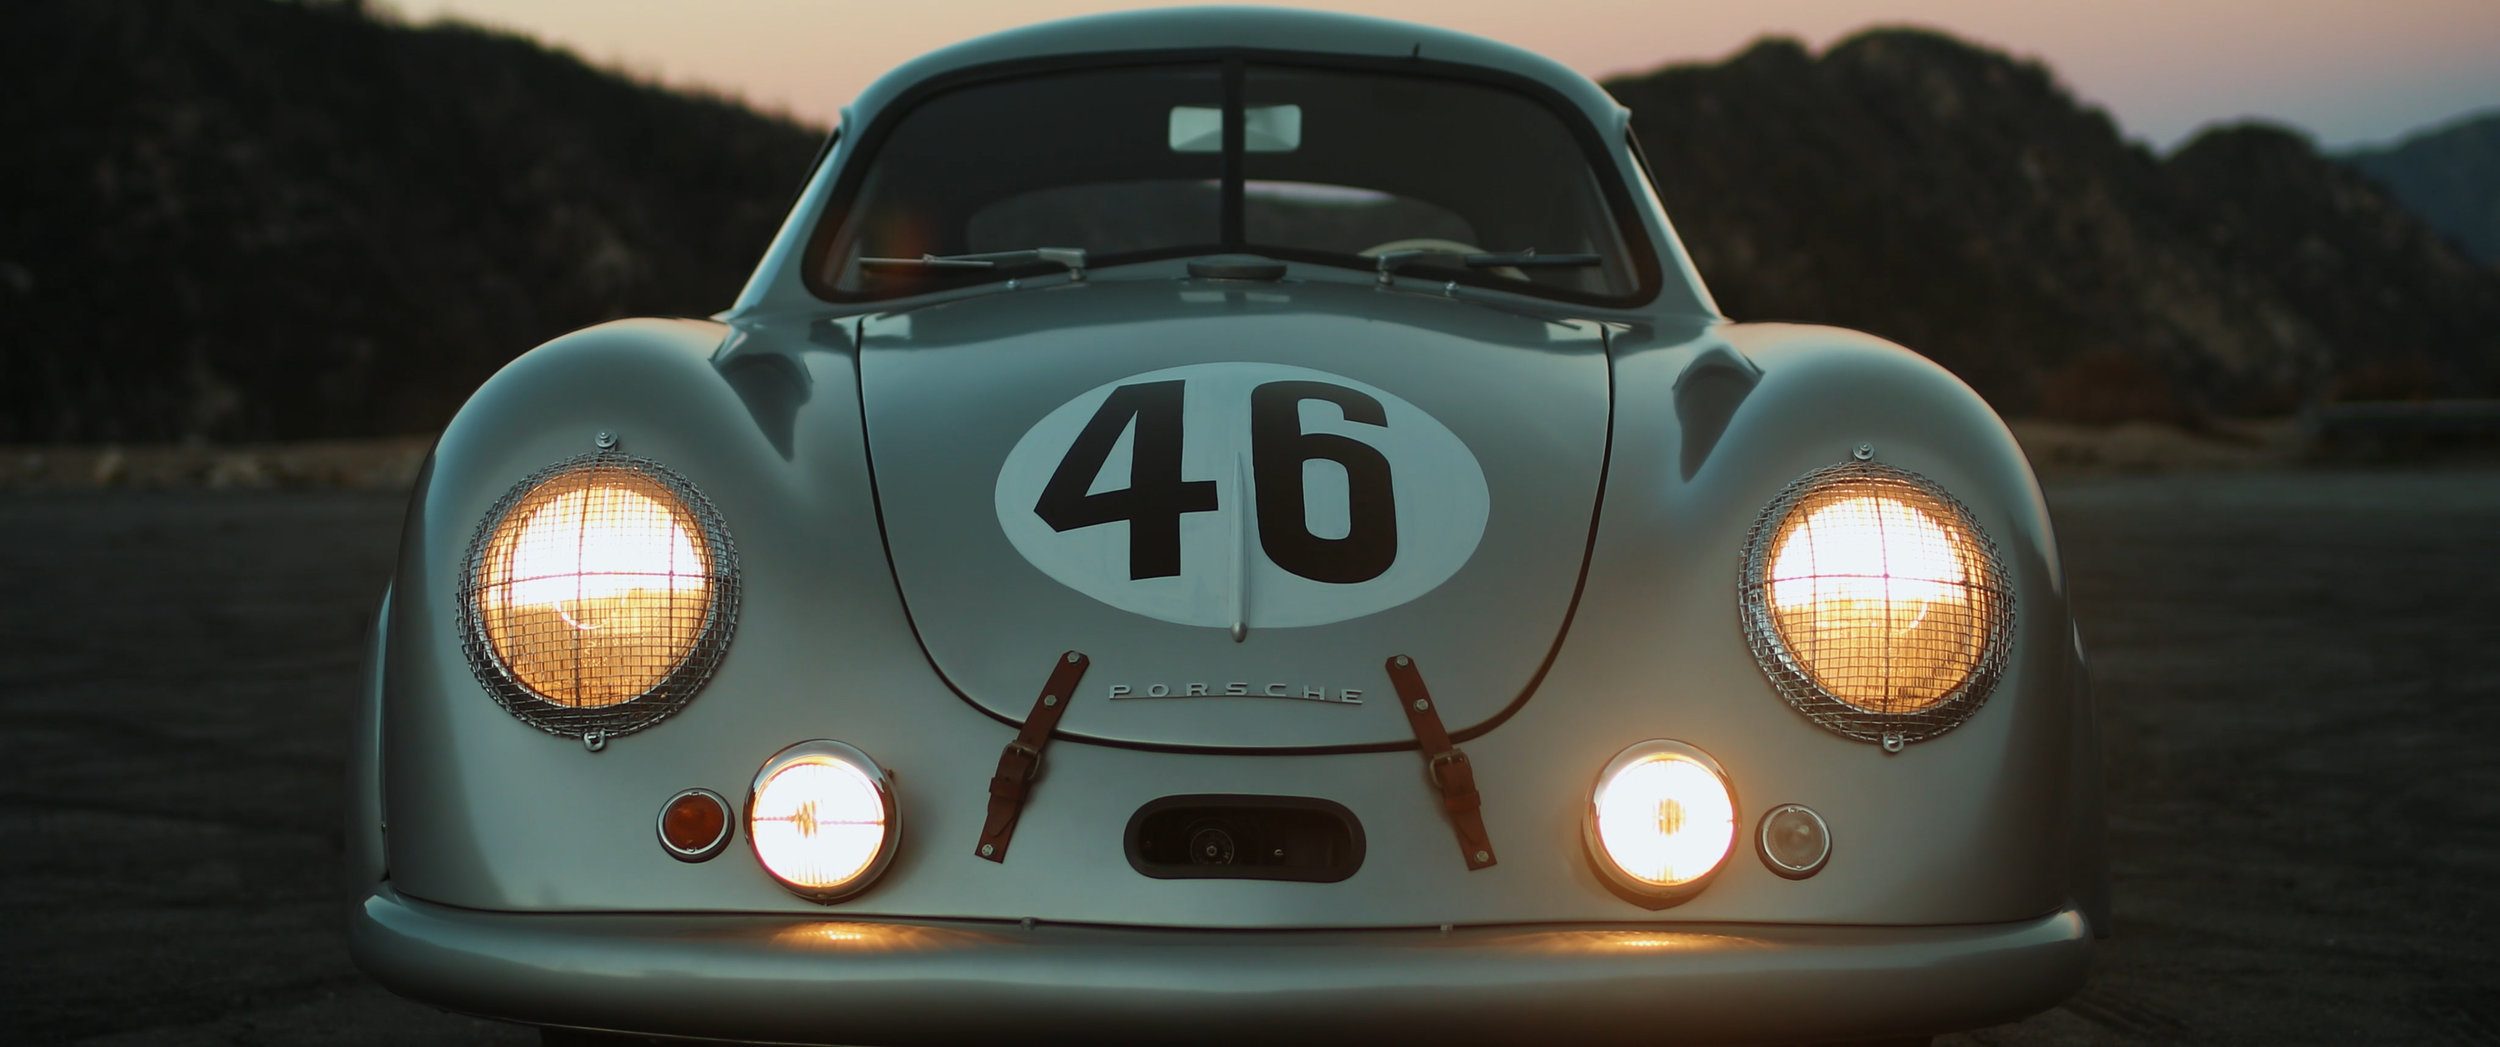 Christophorus Le Mans_v2 4K(cinemascope).mp4.00_00_44_08.Still006.jpg